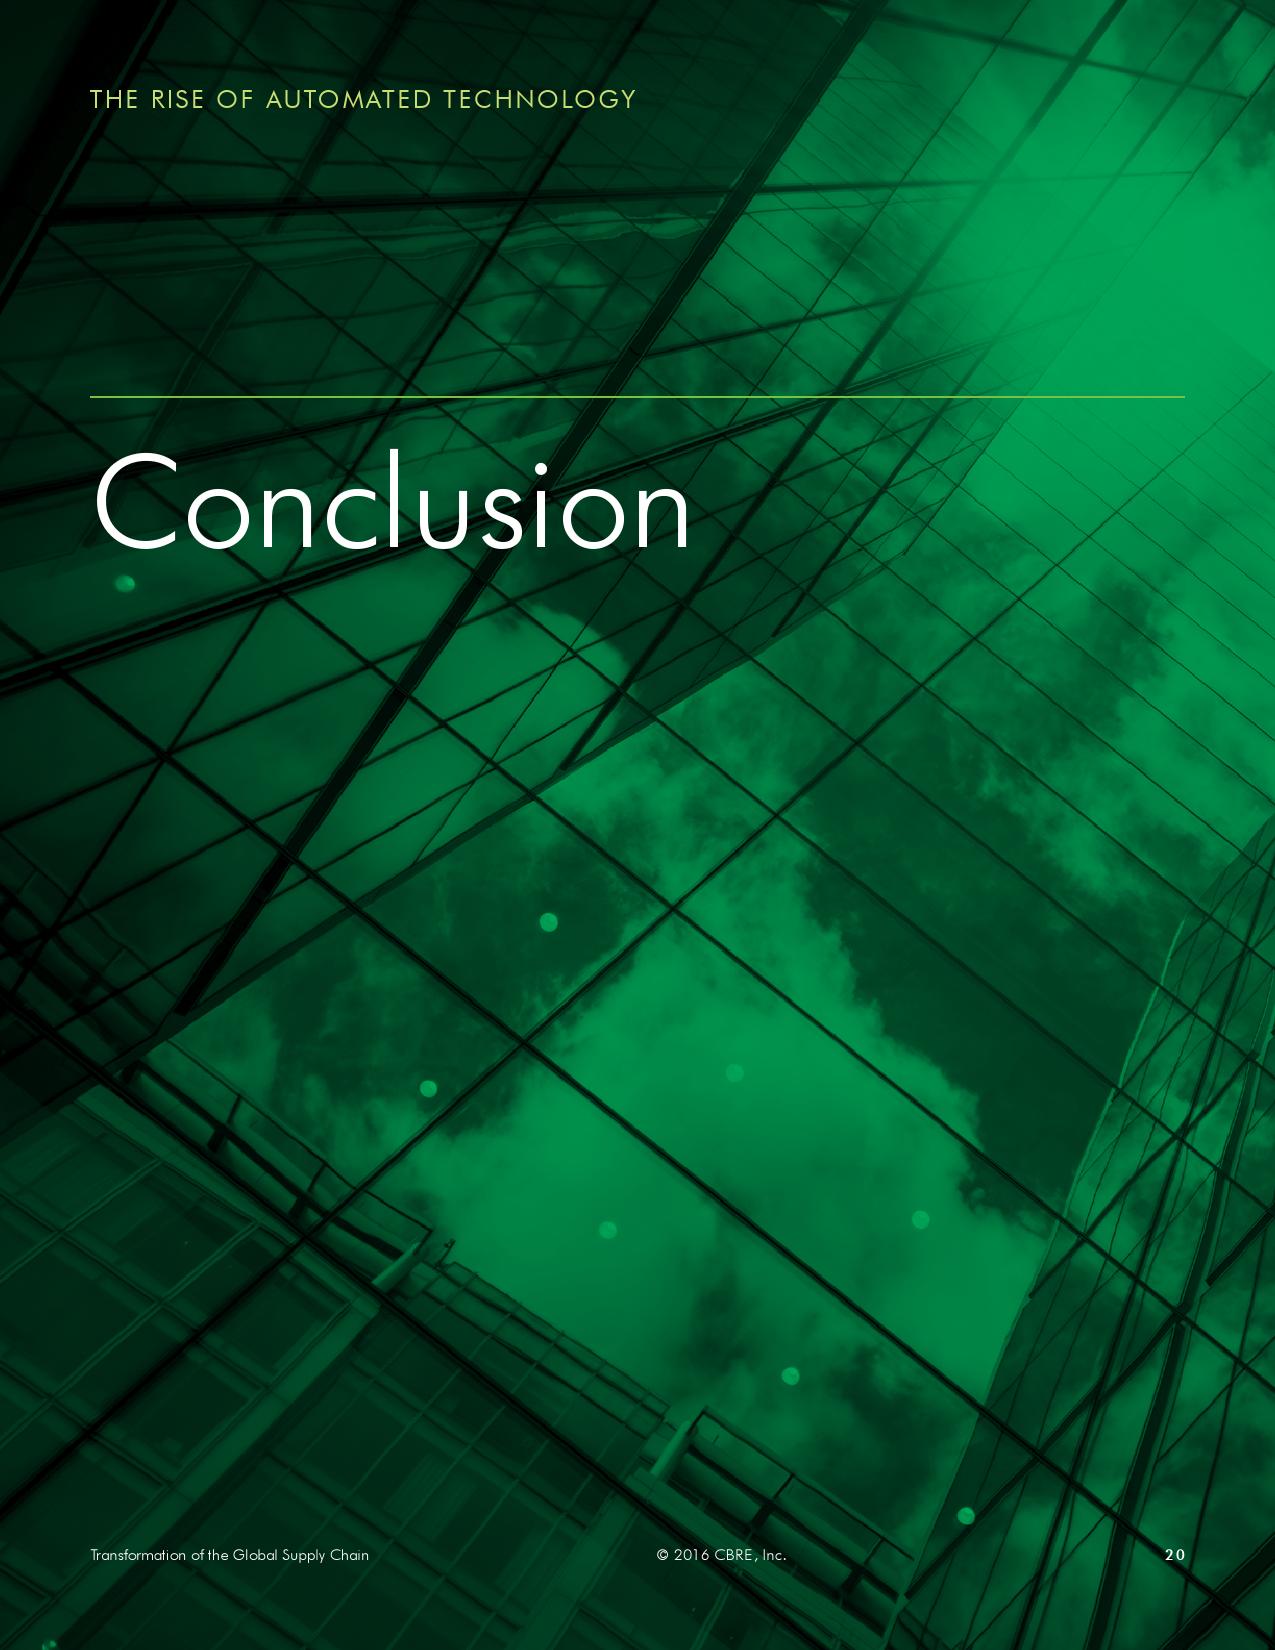 全球供应链升级-自动化技术驱动房地产变革_000020